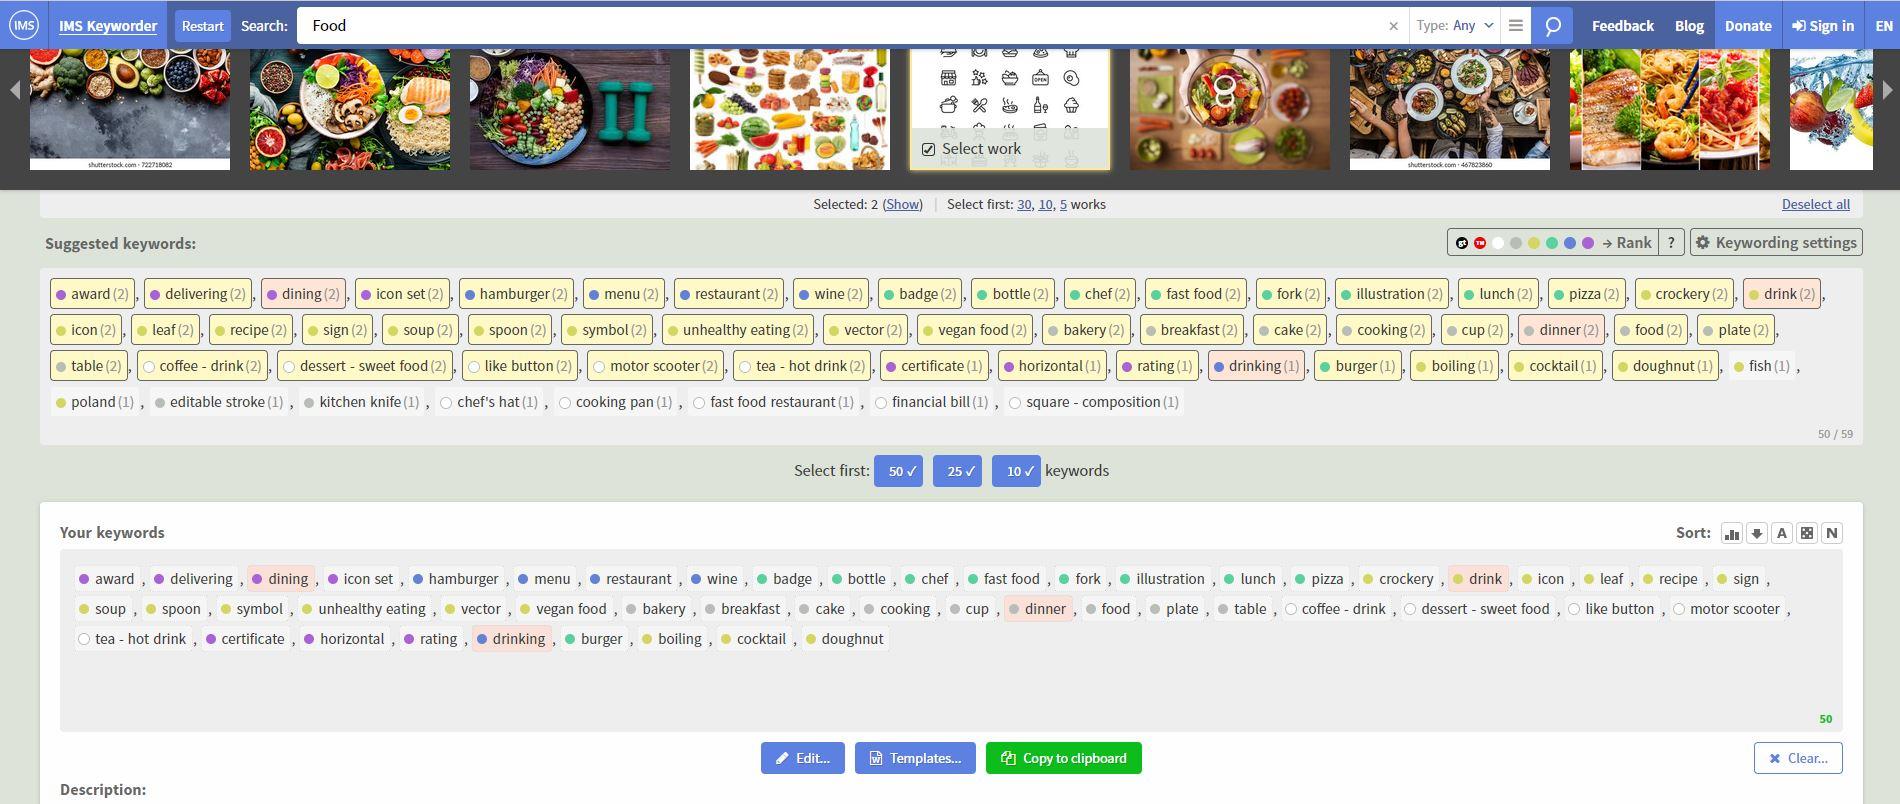 mencari keyword food di https://imstocker.com/en/keyworder